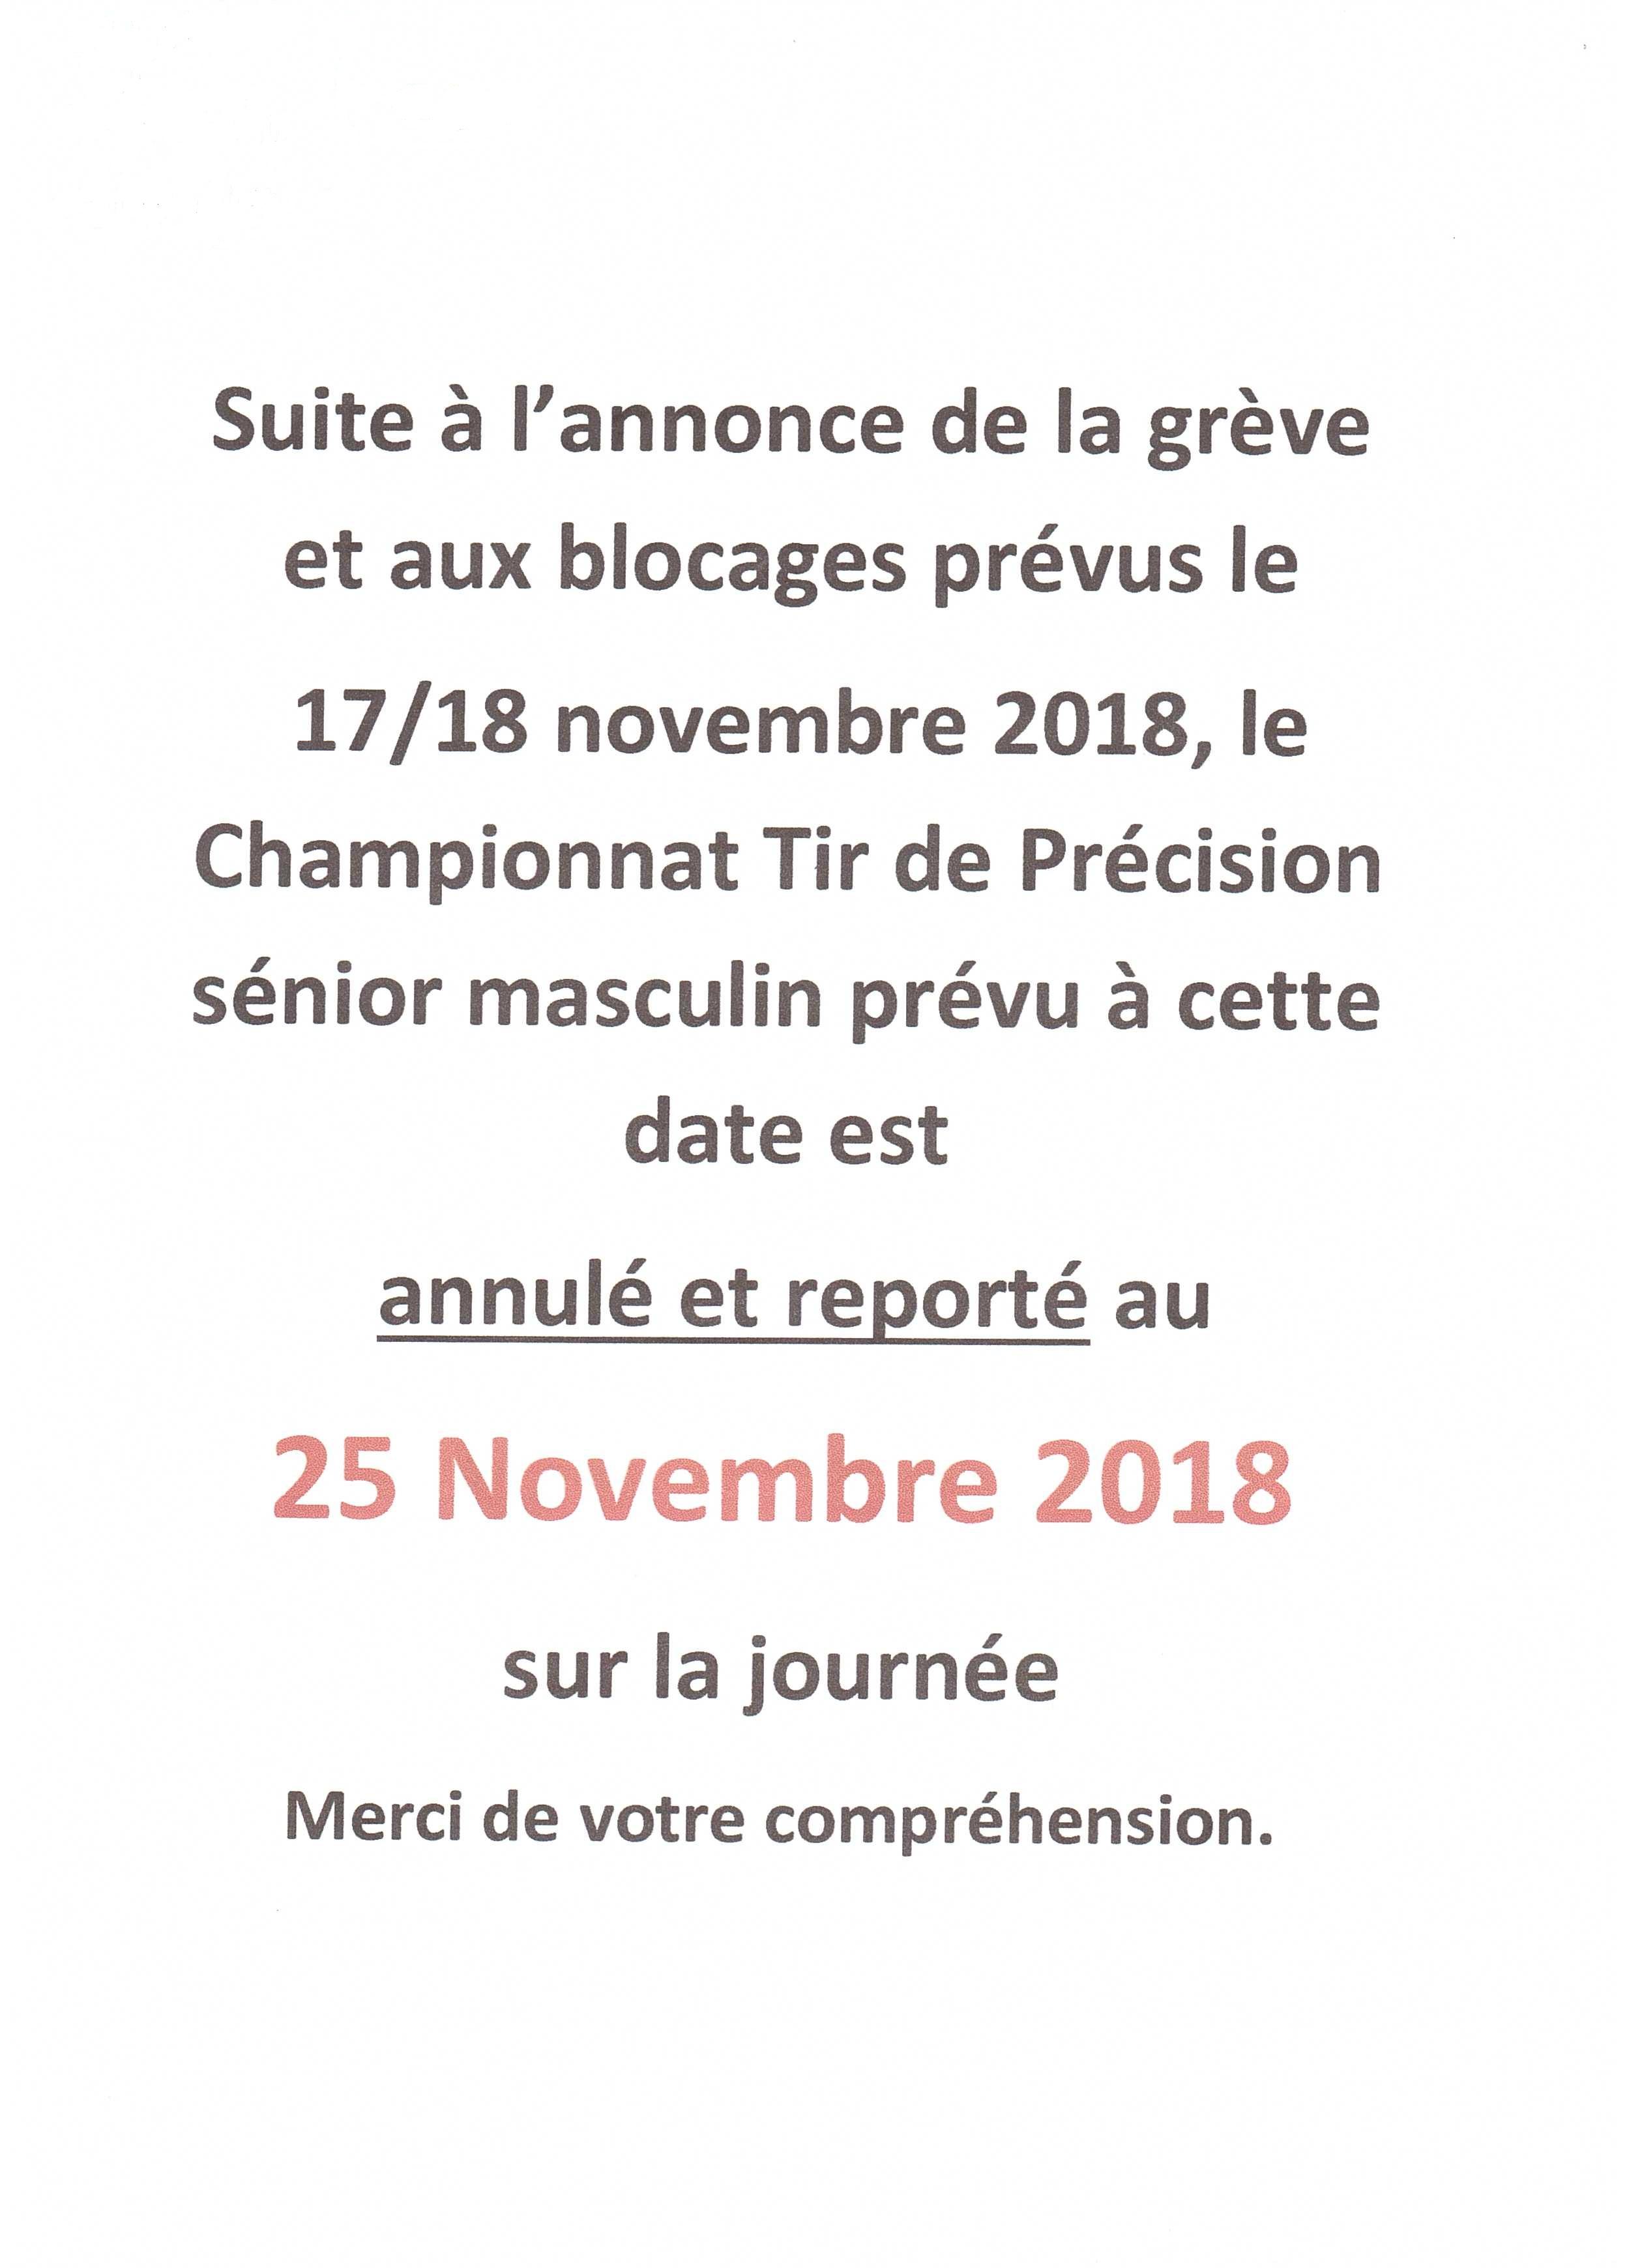 Championnat de tir de Précision du 17/18 novembre